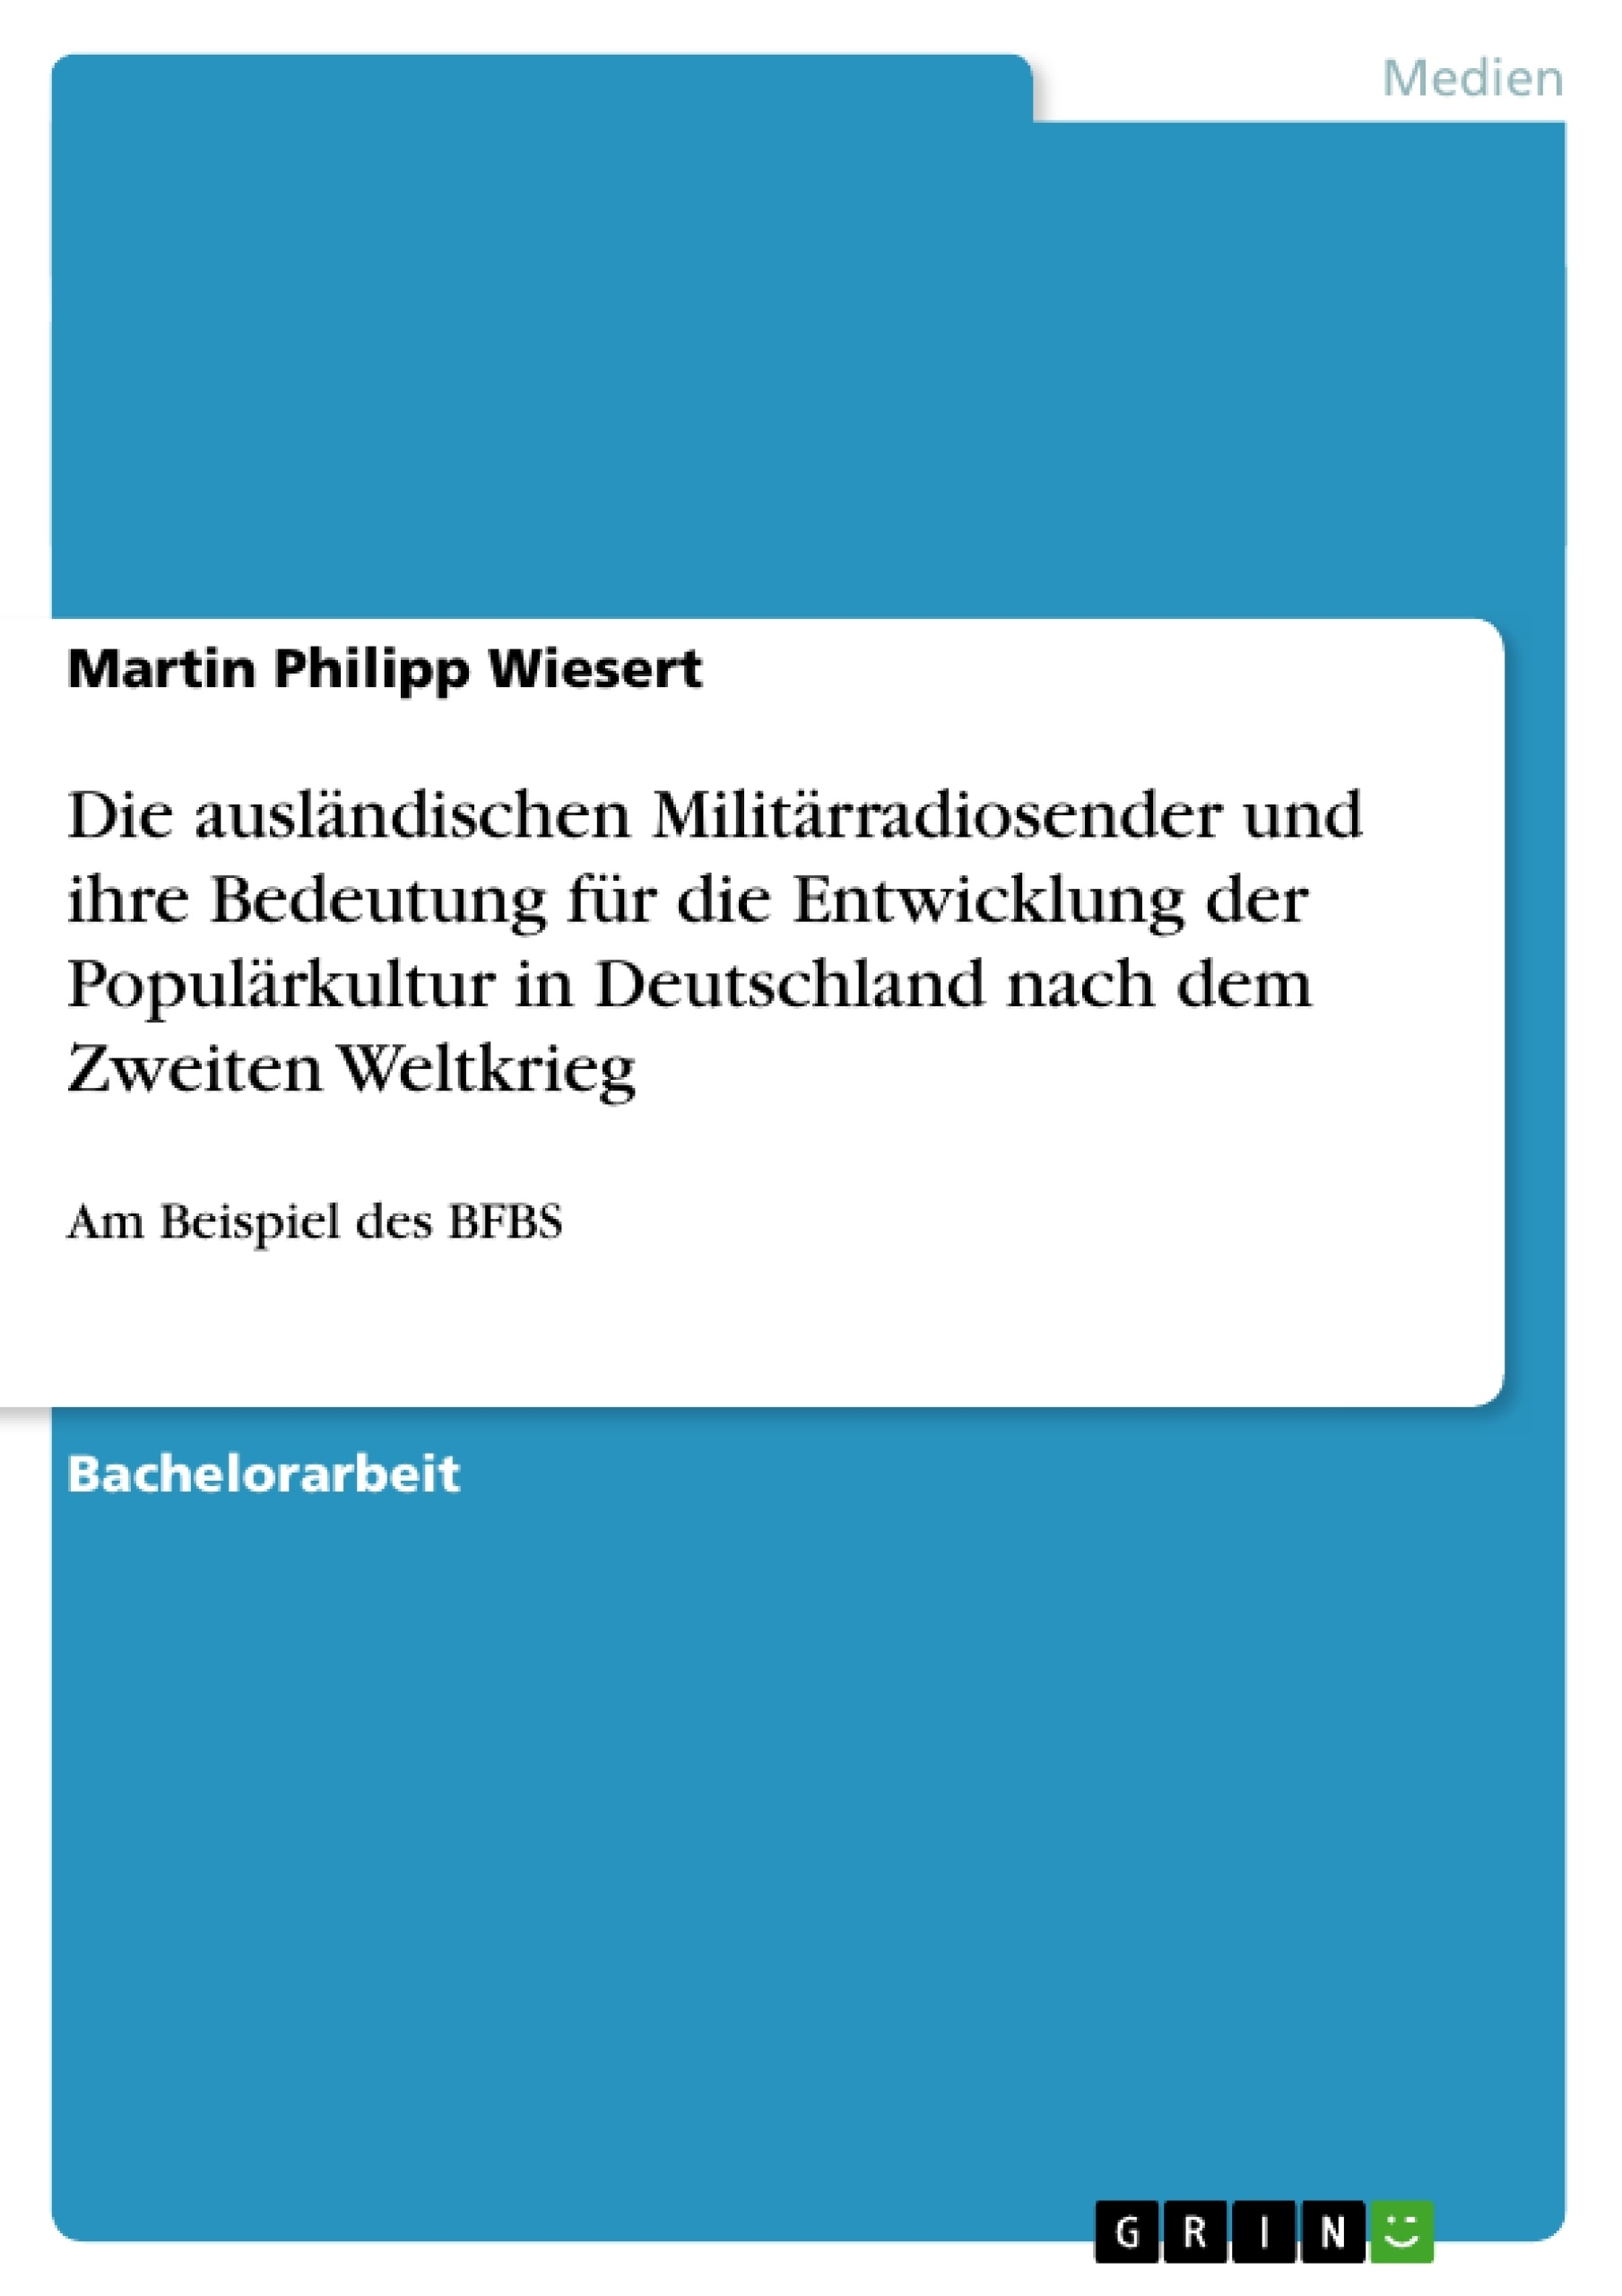 Titel: Die ausländischen Militärradiosender und ihre Bedeutung für die Entwicklung der Populärkultur in Deutschland nach dem Zweiten Weltkrieg